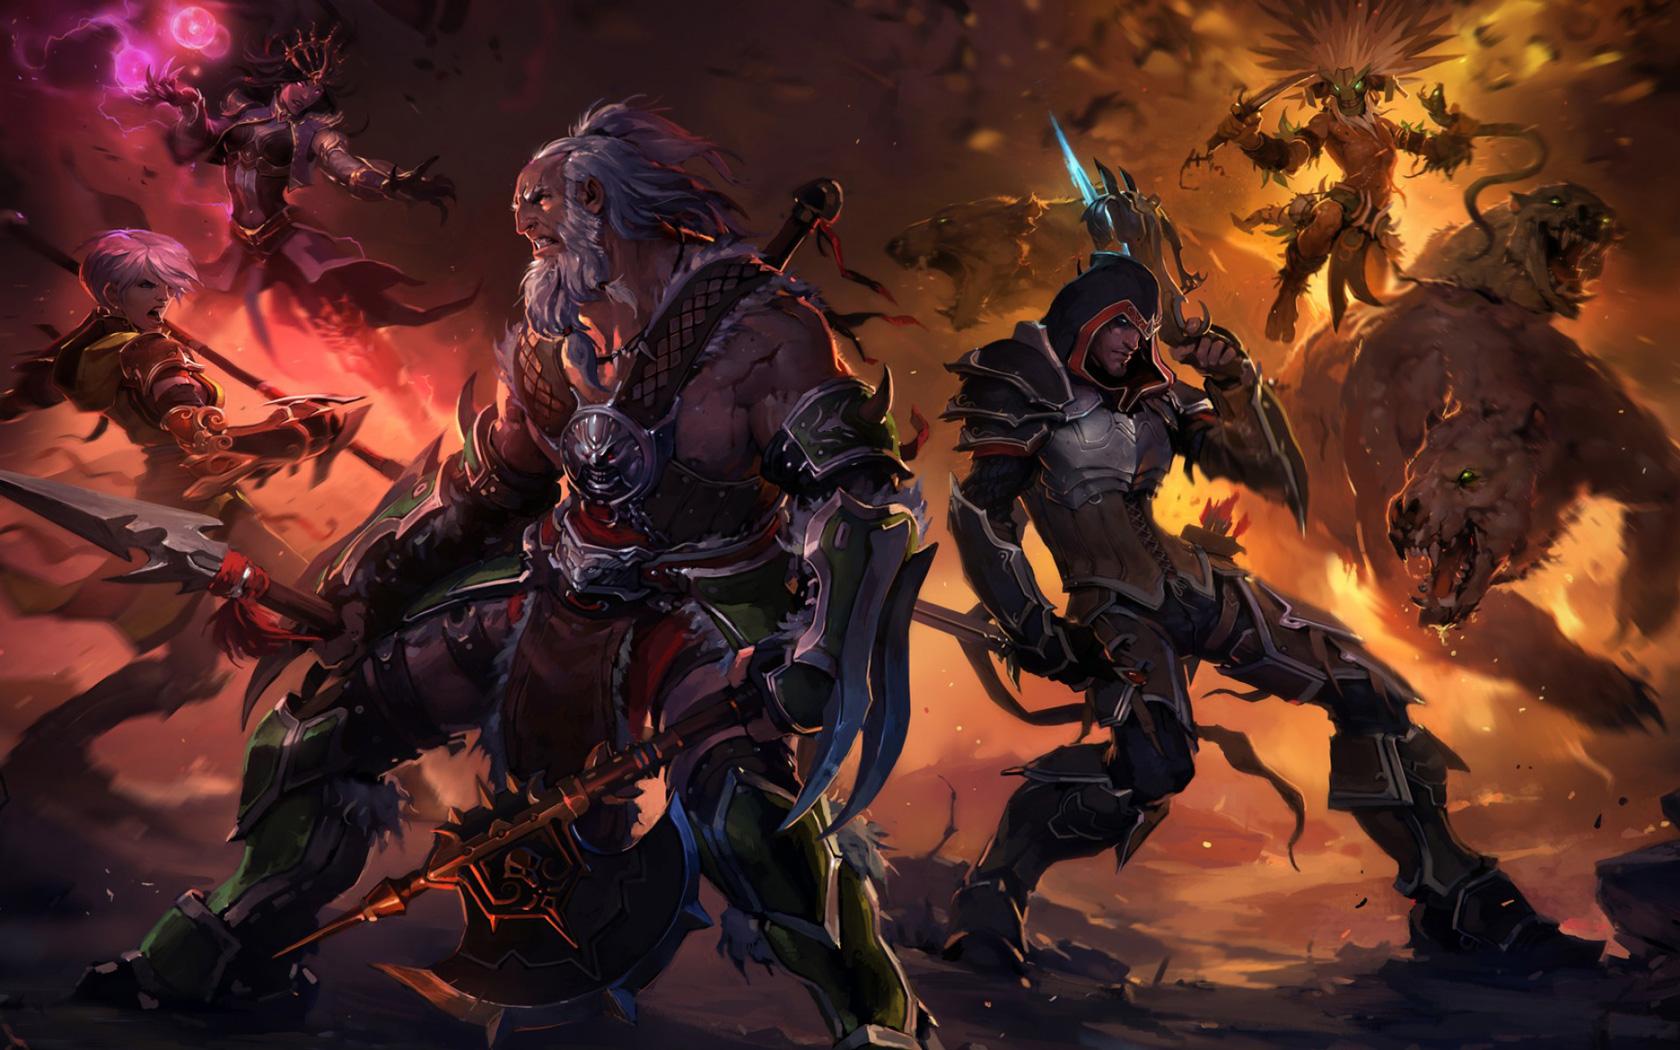 Diablo III Wallpaper in 1680x1050